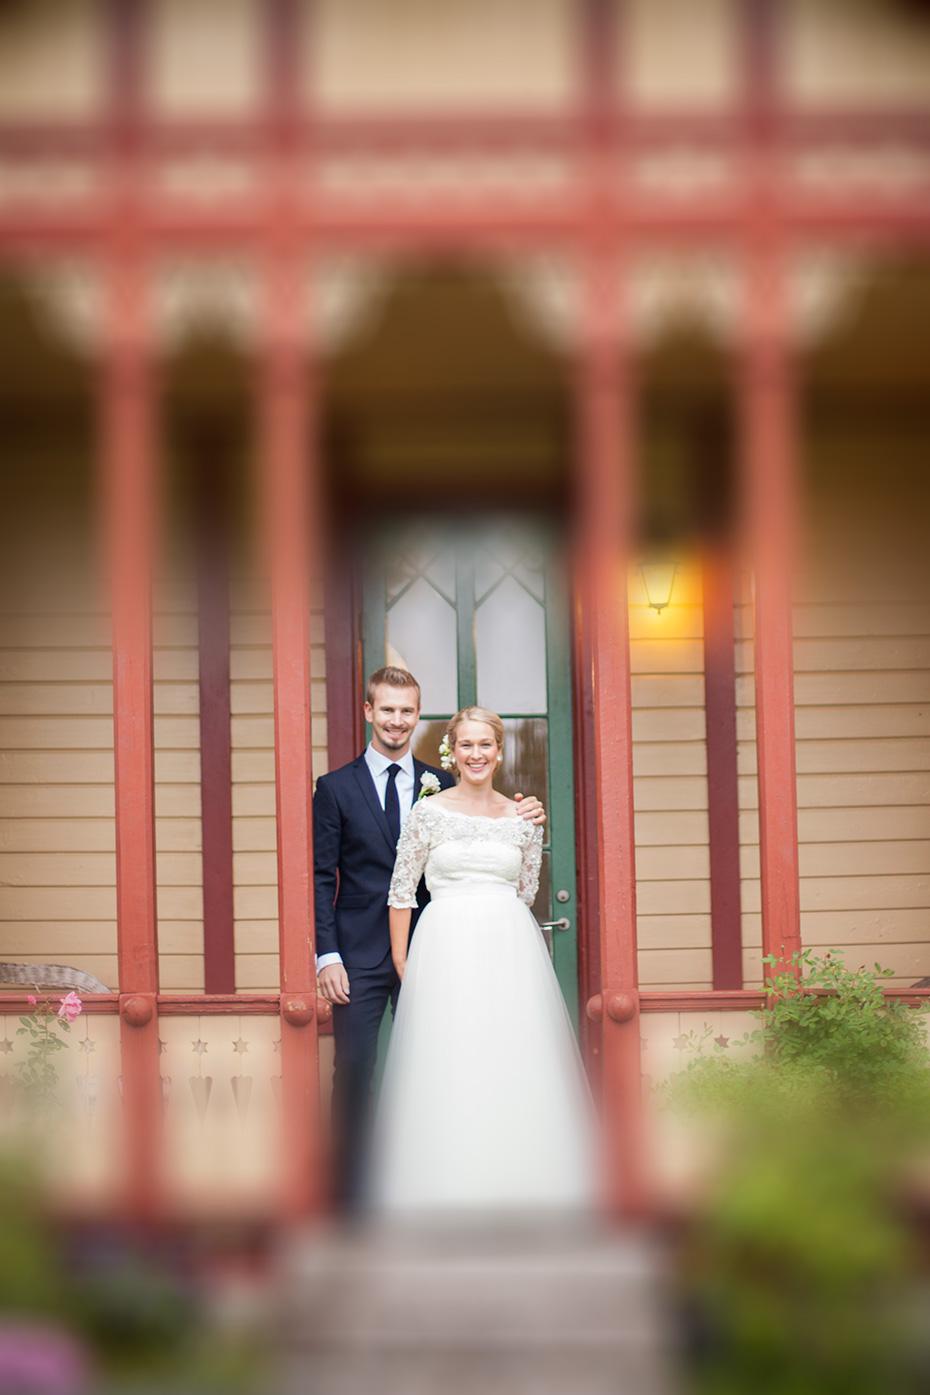 mayalee_wedding_ida-micke-33.jpg